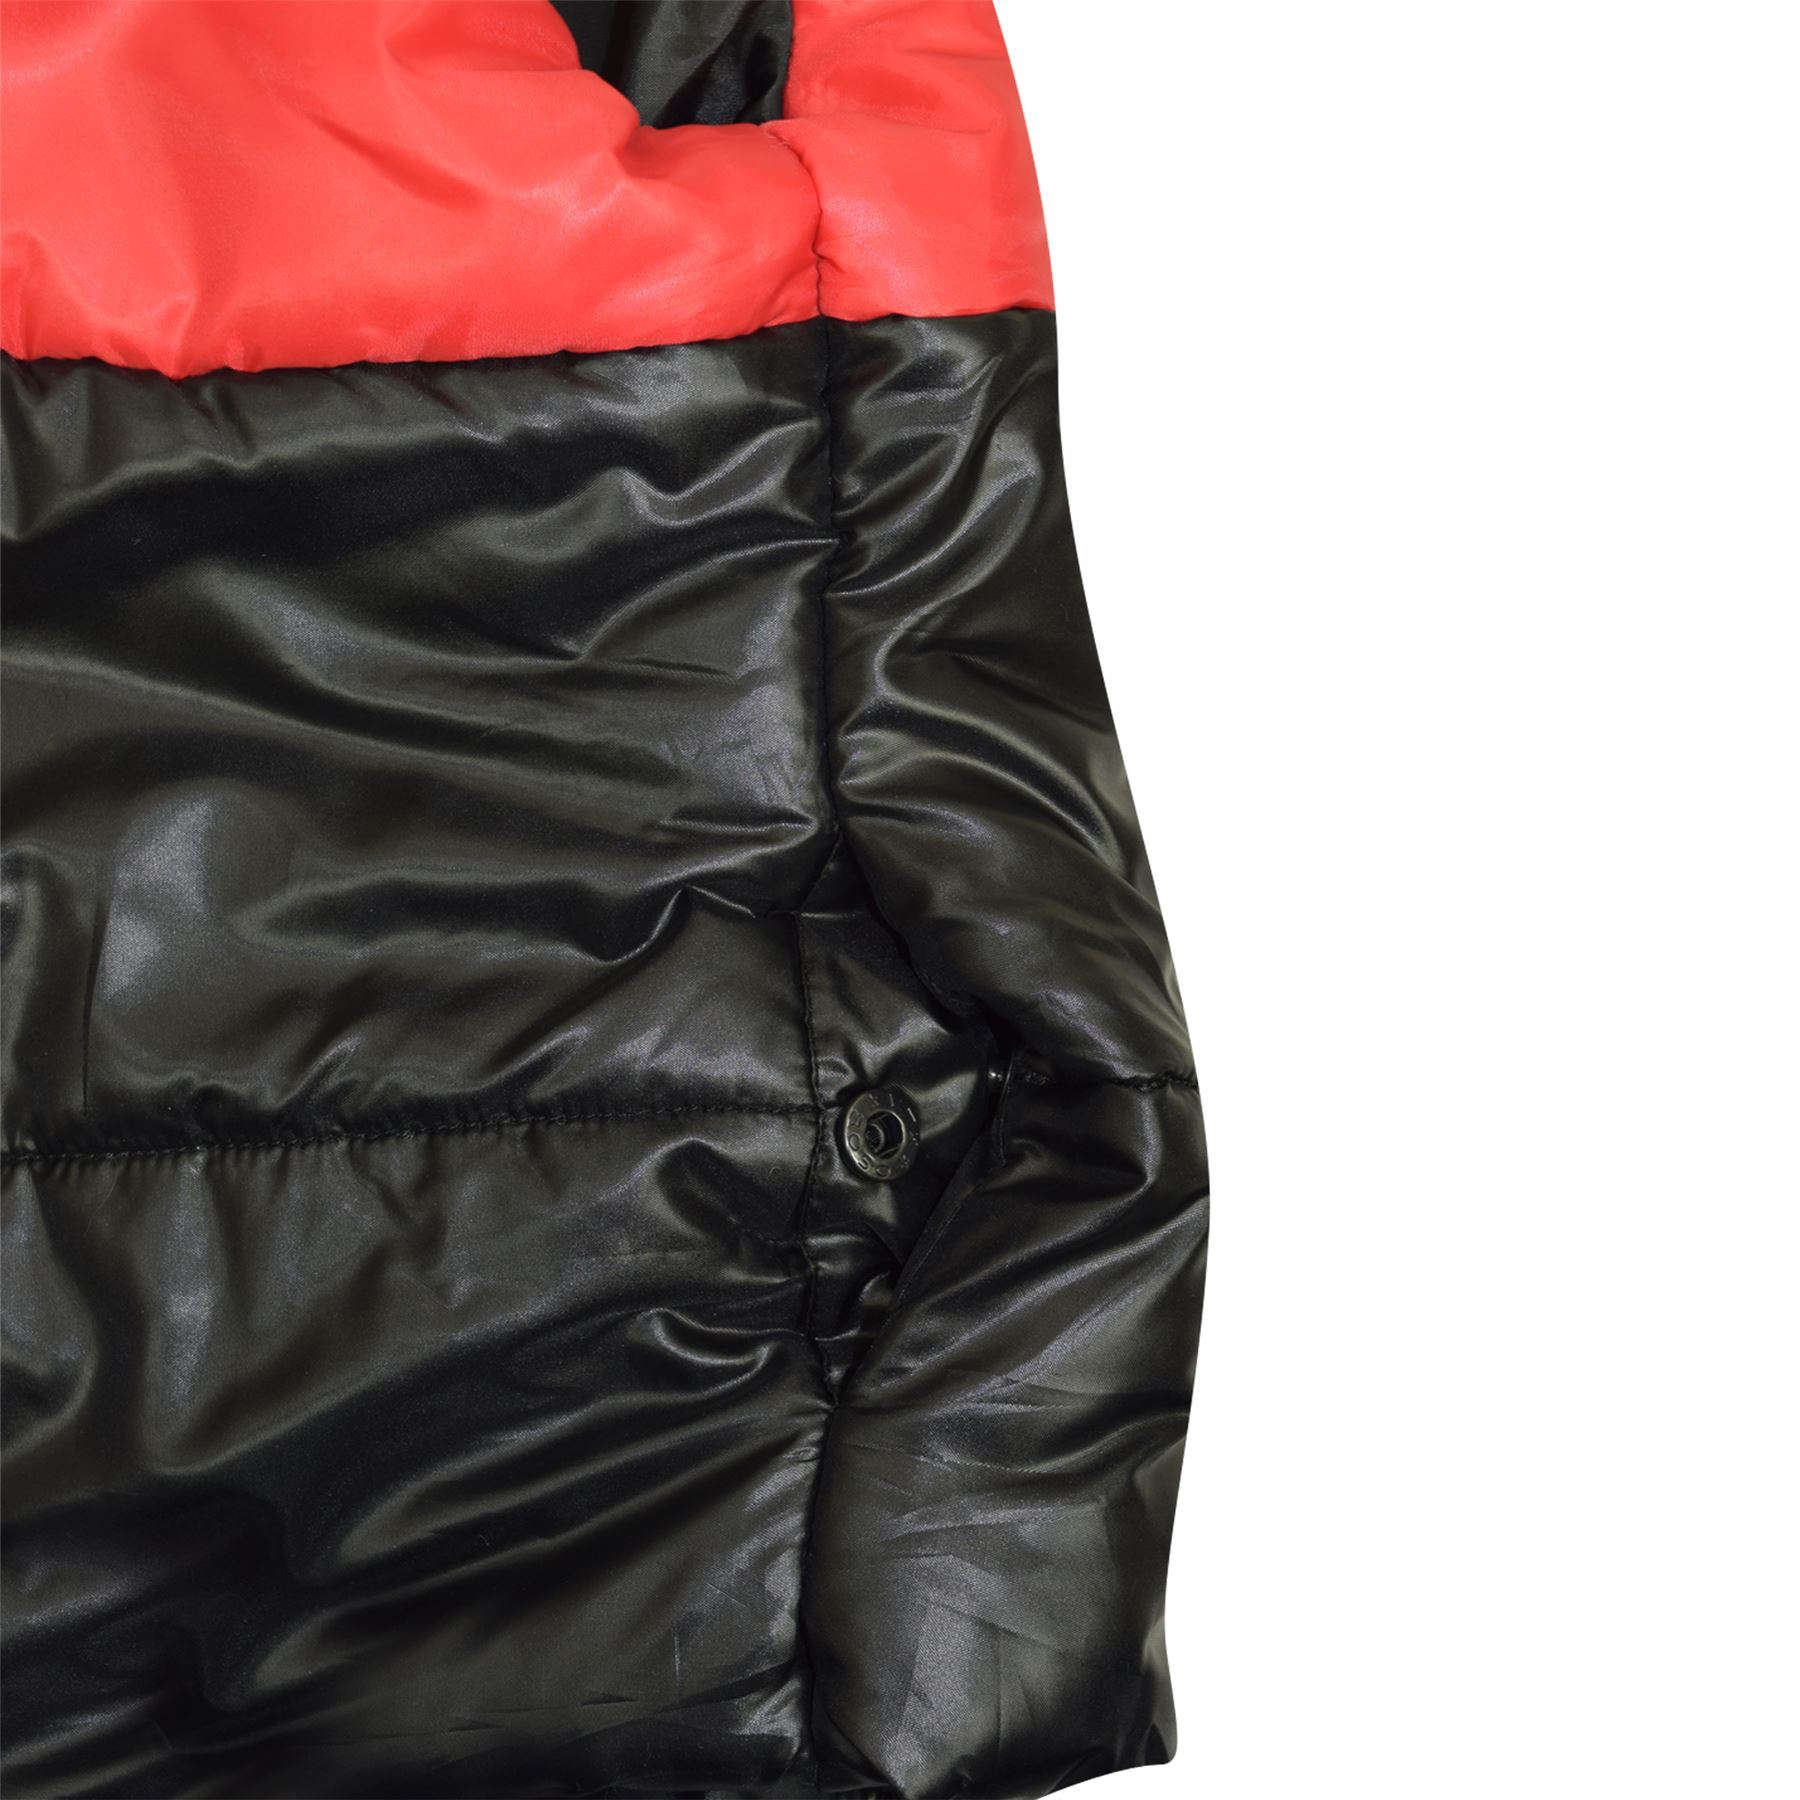 Bambini Ragazzi Ragazze Pannello Di Contrasto Gilet in tessuto Nero Senza Maniche Con Cappuccio Gilet Imbottito Giacche